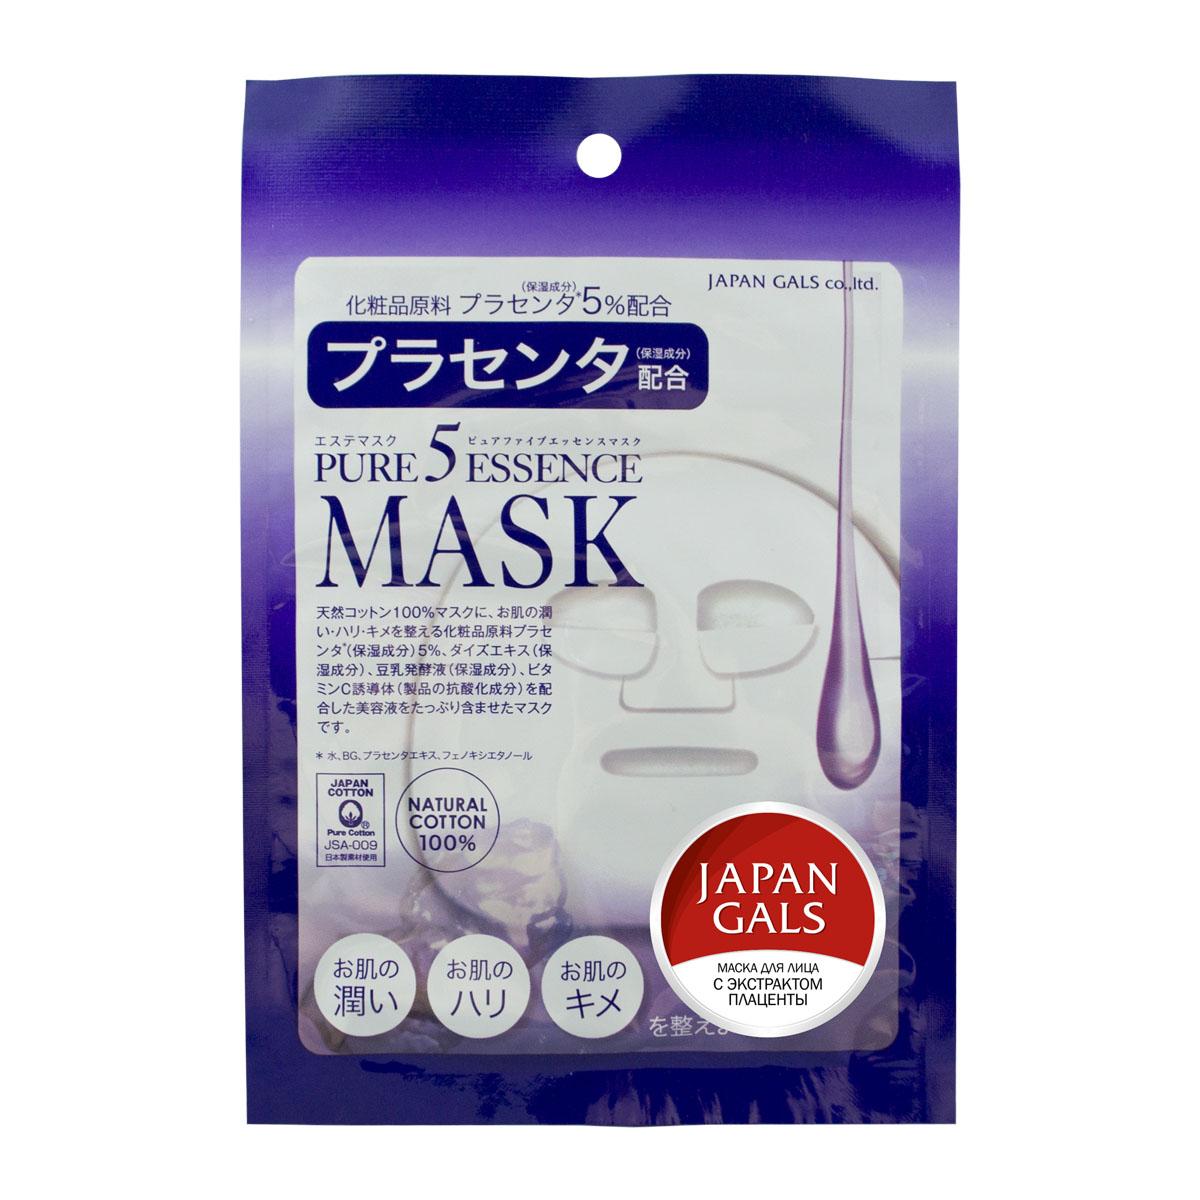 Japan Gals Маска для лица с плацентой Pure 5 Essential 1 штFS-00610Экстракт плацентыЭкстракт плаценты - уникальный природный комплекс, содержащий белки, нуклеиновые кислоты, полисахариды, липиды, ферменты, аминокислоты, ненасыщенные жирные кислоты, витамины и микроэлементы. Благодаря экстракту плаценты стимулируется периферический кровоток. Это позволяет улучшить кровоснабжение кожи, из нее выводятся токсины, активизируется клеточное дыхание, улучшается метаболизм. Экстракт плаценты позволяет поднять меланин из глубоких слоев на поверхность кожи, откуда он удаляется при отшелушивании вместе с кератином. Выжимка из плаценты снимает воспаление, полученное от длительного воздействия солнечных лучей.Особый крой маски обеспечивает эффект 3D-прилегания, а большая площадь ткани гарантирует полное покрытие. Также у маски имеются специальные кармашки для проработки зоны в области глаз.Эффект: улучшение цвета лица, регенерация кожи, нормализация жирового баланса, замедление старения кожи, против воспалительных процессов.Способ применения: после умывания расправьте и плотно приложите маску к лицу. 5-10 минут спокойно полежать. Если хотите дополнительно проработать зону глаз, накройте их специальными накладками. Если хотите проработать зону под глазами, сложите накладку для глаз в два раза.Способ хранения: держать в недоступном для детей месте. Состав: Вода, BG, глицерин, экстракт плаценты, аскорбил фосфат магния, экстракт сои, ферментированное соевое молоко, гидроксиэтилцеллюлоза, пальмовое масло, алкил, PG, димониум хлорид фосфат, феноксиэтанол, метилизотиазолинон, лимонная кислота, антикоагулянт.